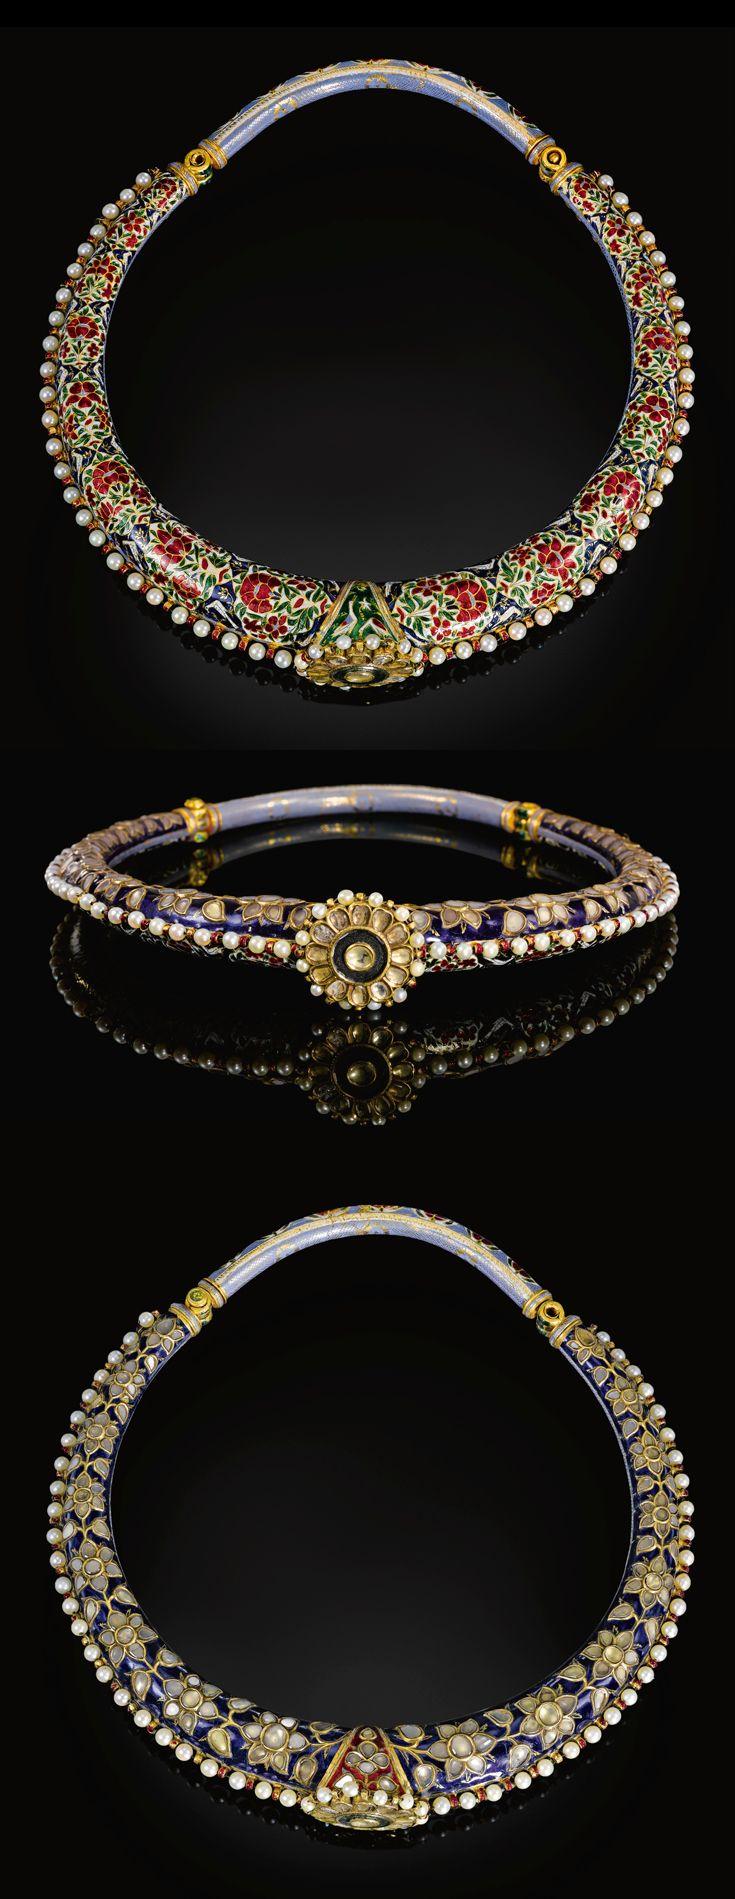 India ~ Jaipur | Enamelled and gem set torque (Hasli) | 19th century | 25'000£ ~ sold (Apr '11)